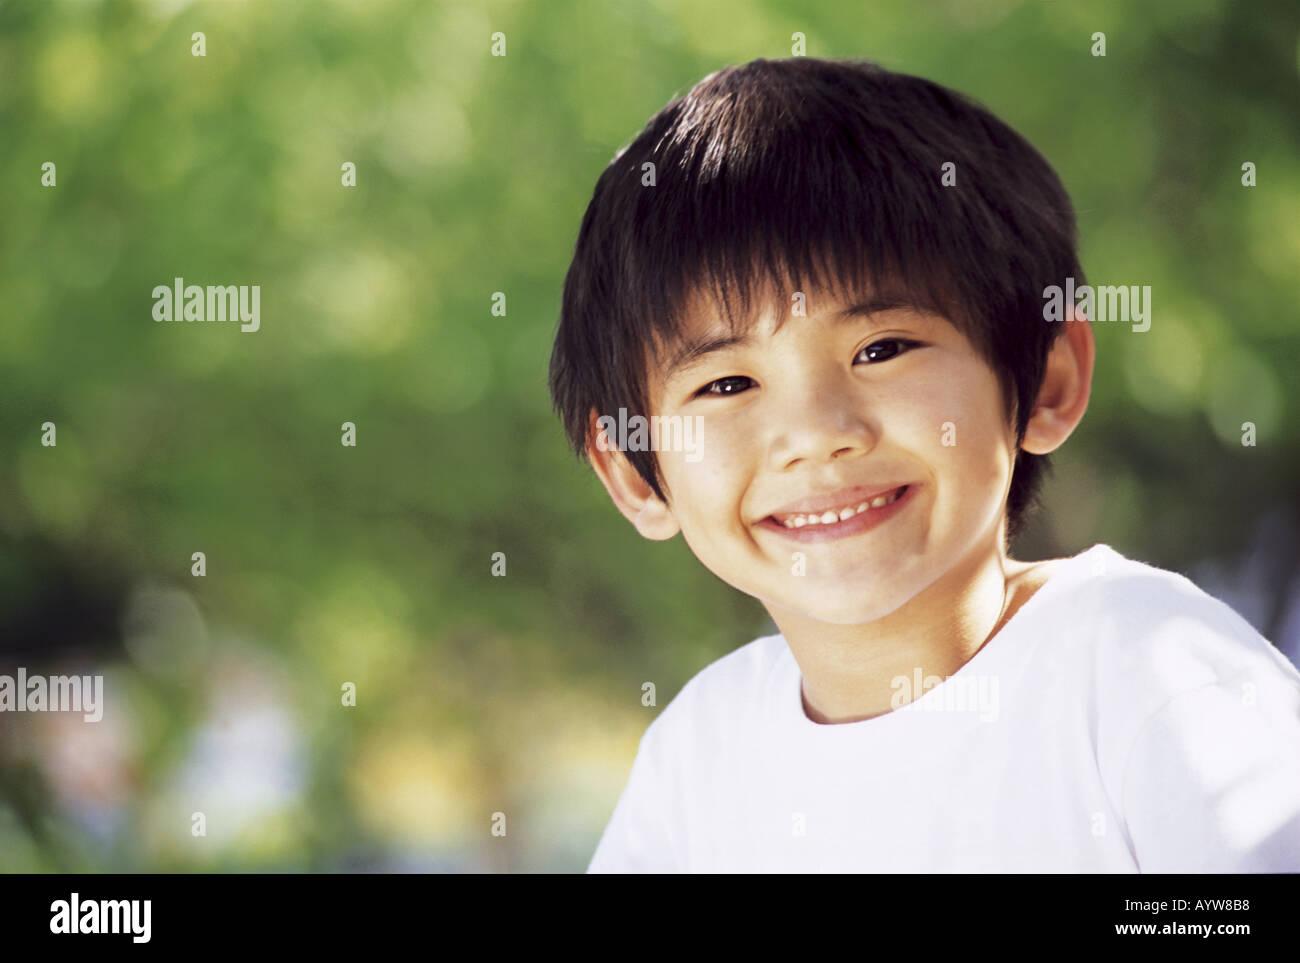 Visage de smiling boy Banque D'Images